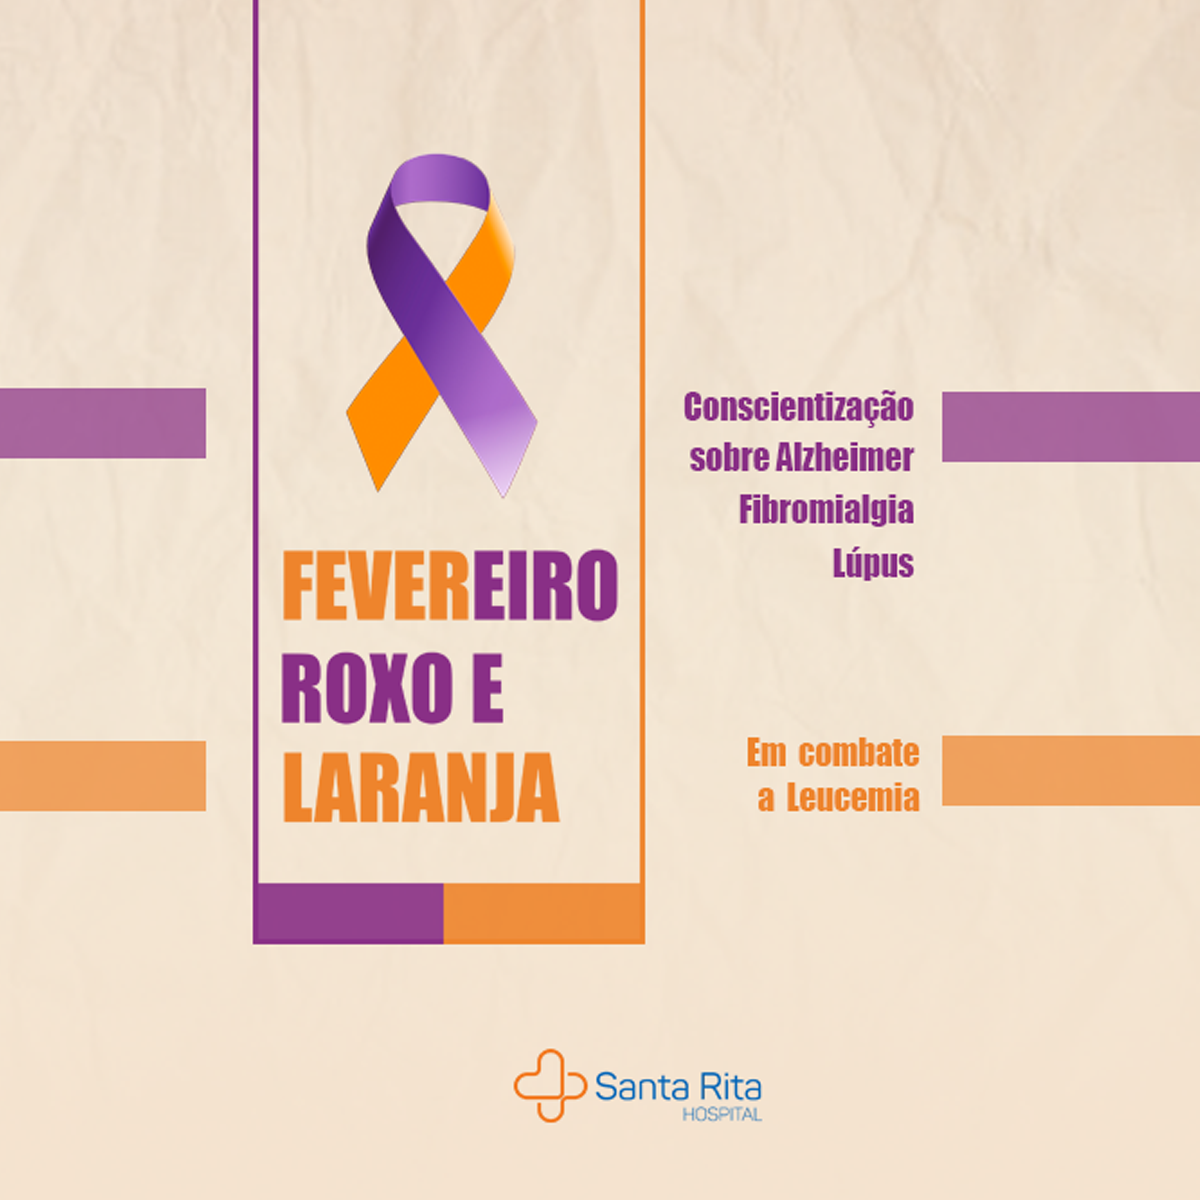 Hospital Santa Rita apoia campanhas de conscientização na saúde